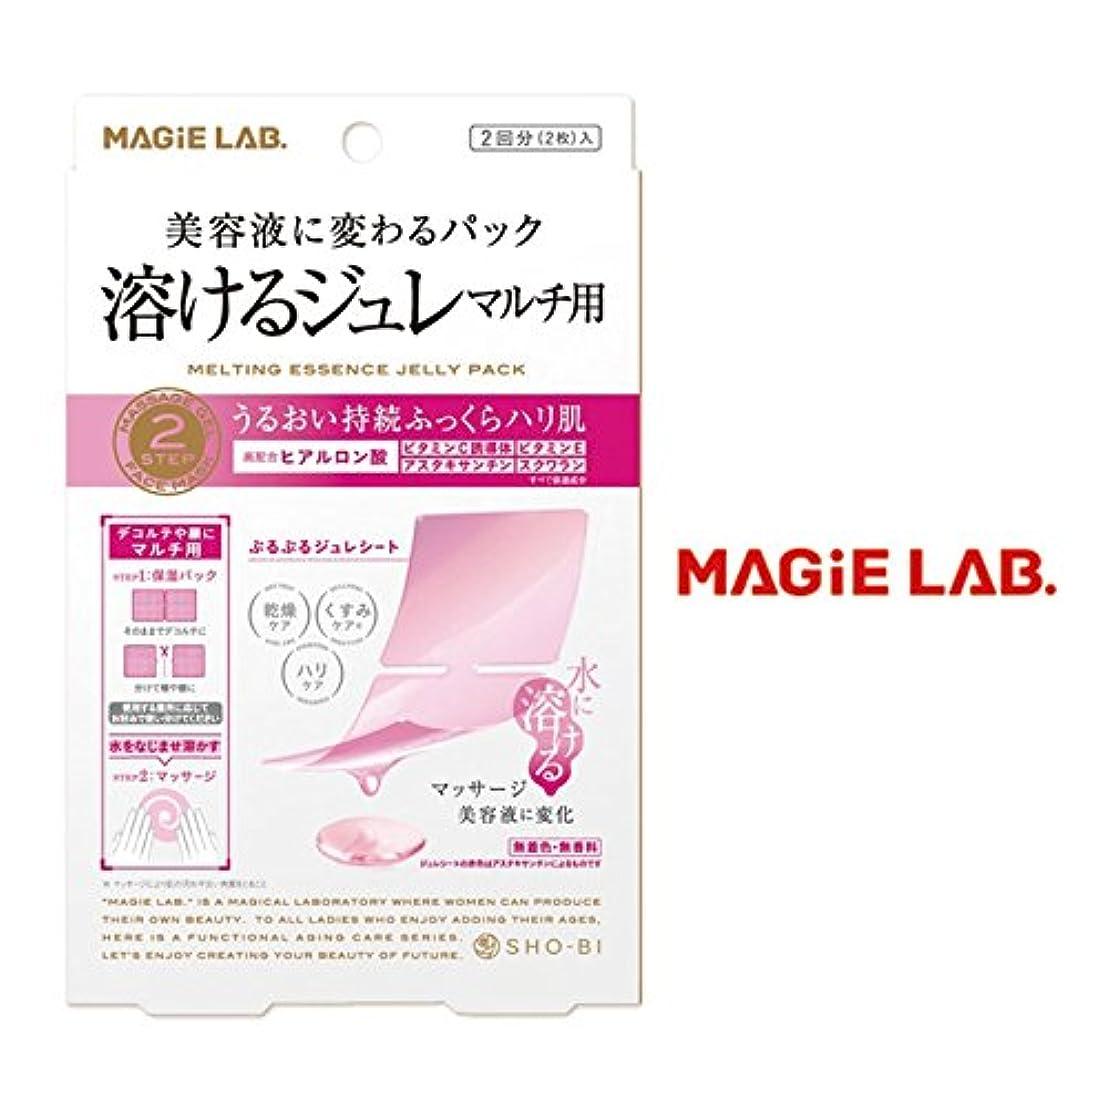 砂の服を洗う債務者MAGiE LAB.溶けるジュレ マルチ用2回分(2枚)入 MG22103